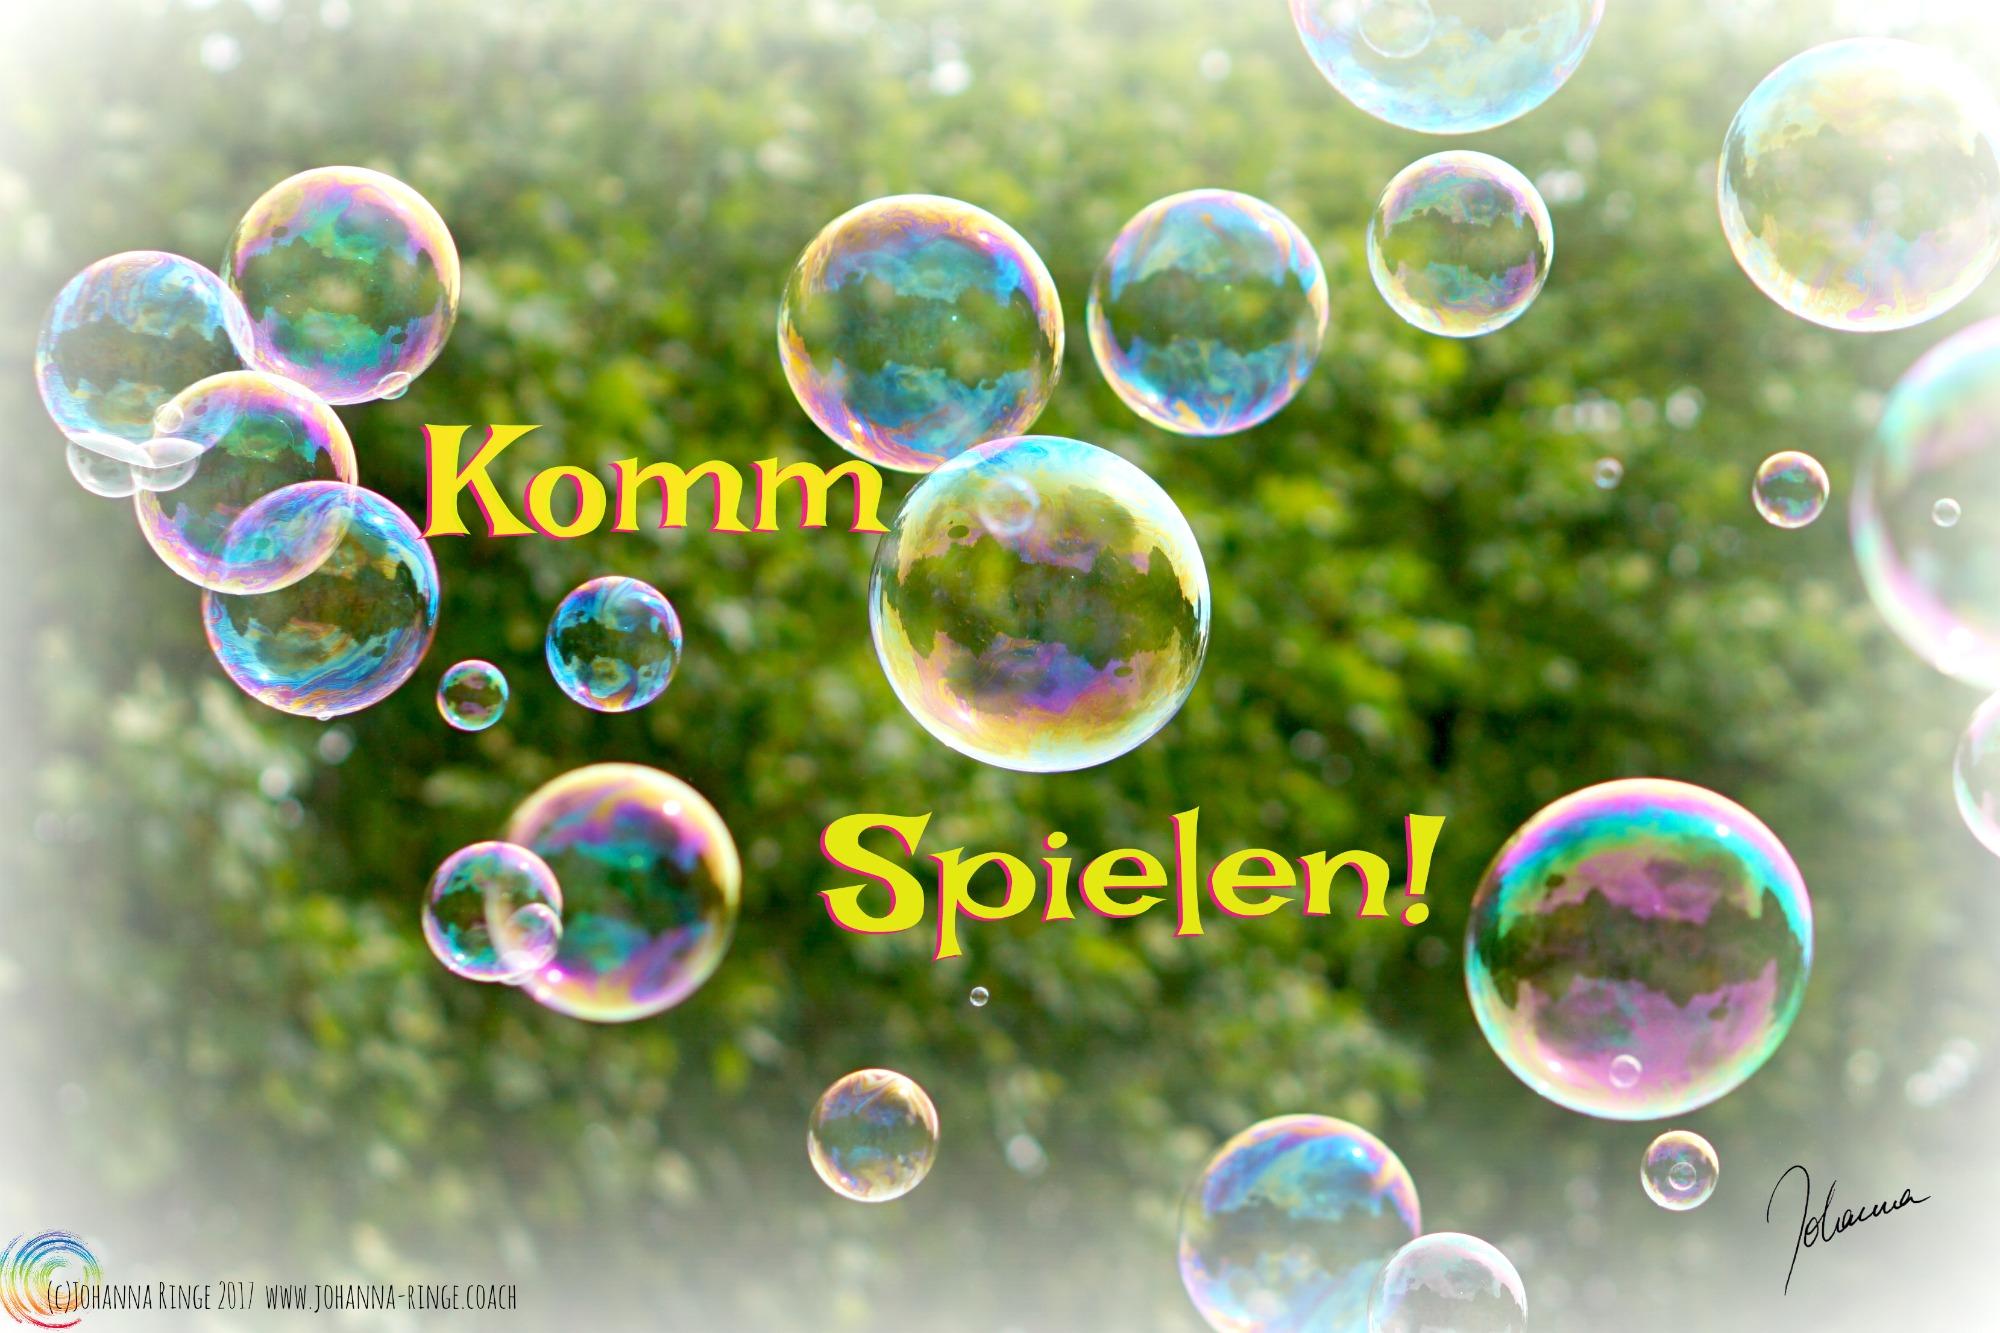 Foto von Seifenblasen vor Laub mit Schriftzug: Komm Spielen! (c)2017 Johanna Ringe www.johanna-ringe.coach